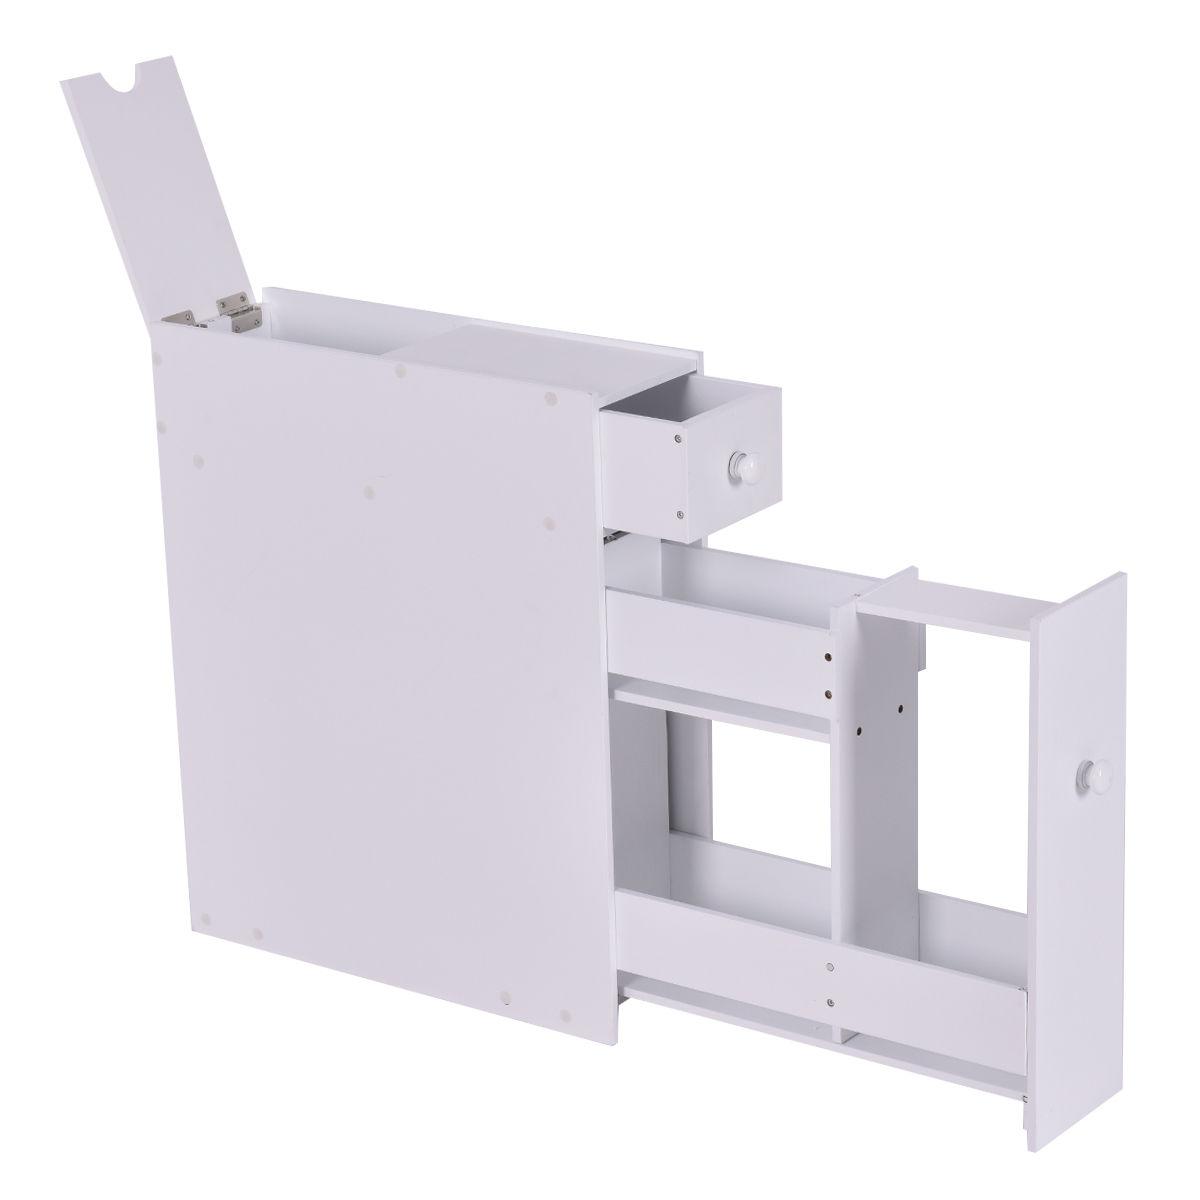 White Bathroom Cabinet Space Saver Storage Organizer